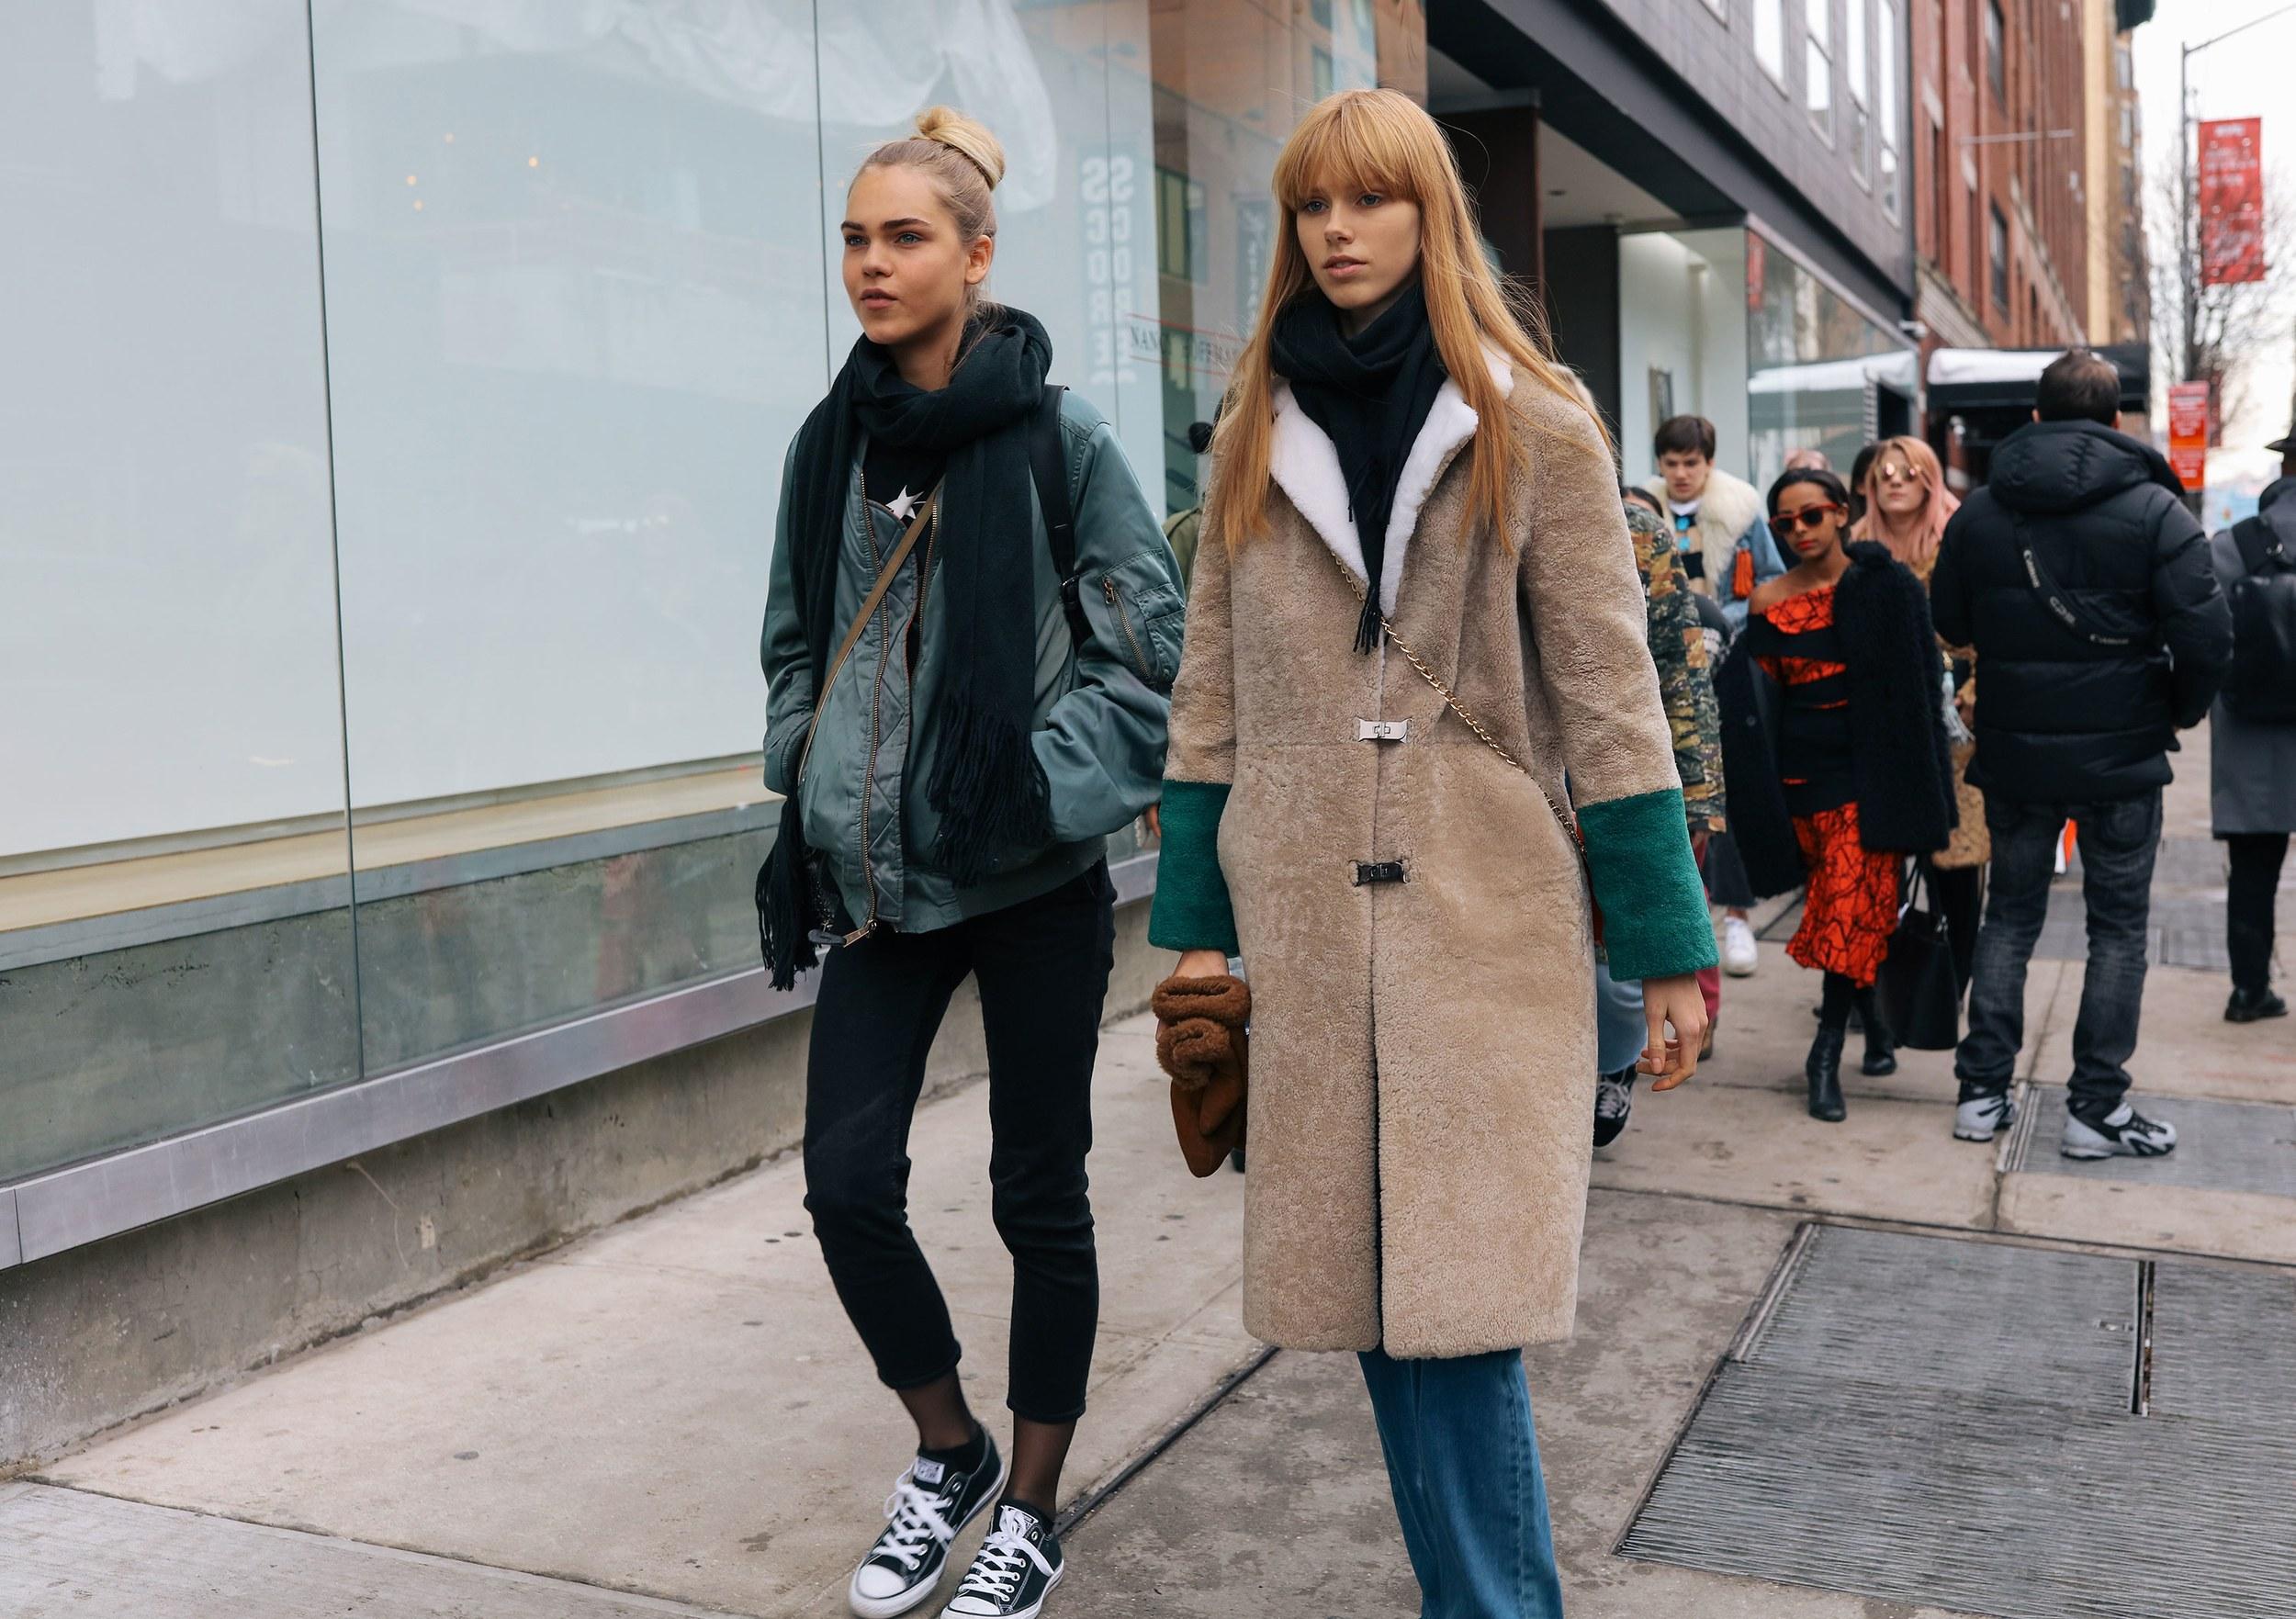 Chiêm ngưỡng đặc sản street style đẹp khó rời mắt tại Tuần lễ thời trang New York - Ảnh 9.